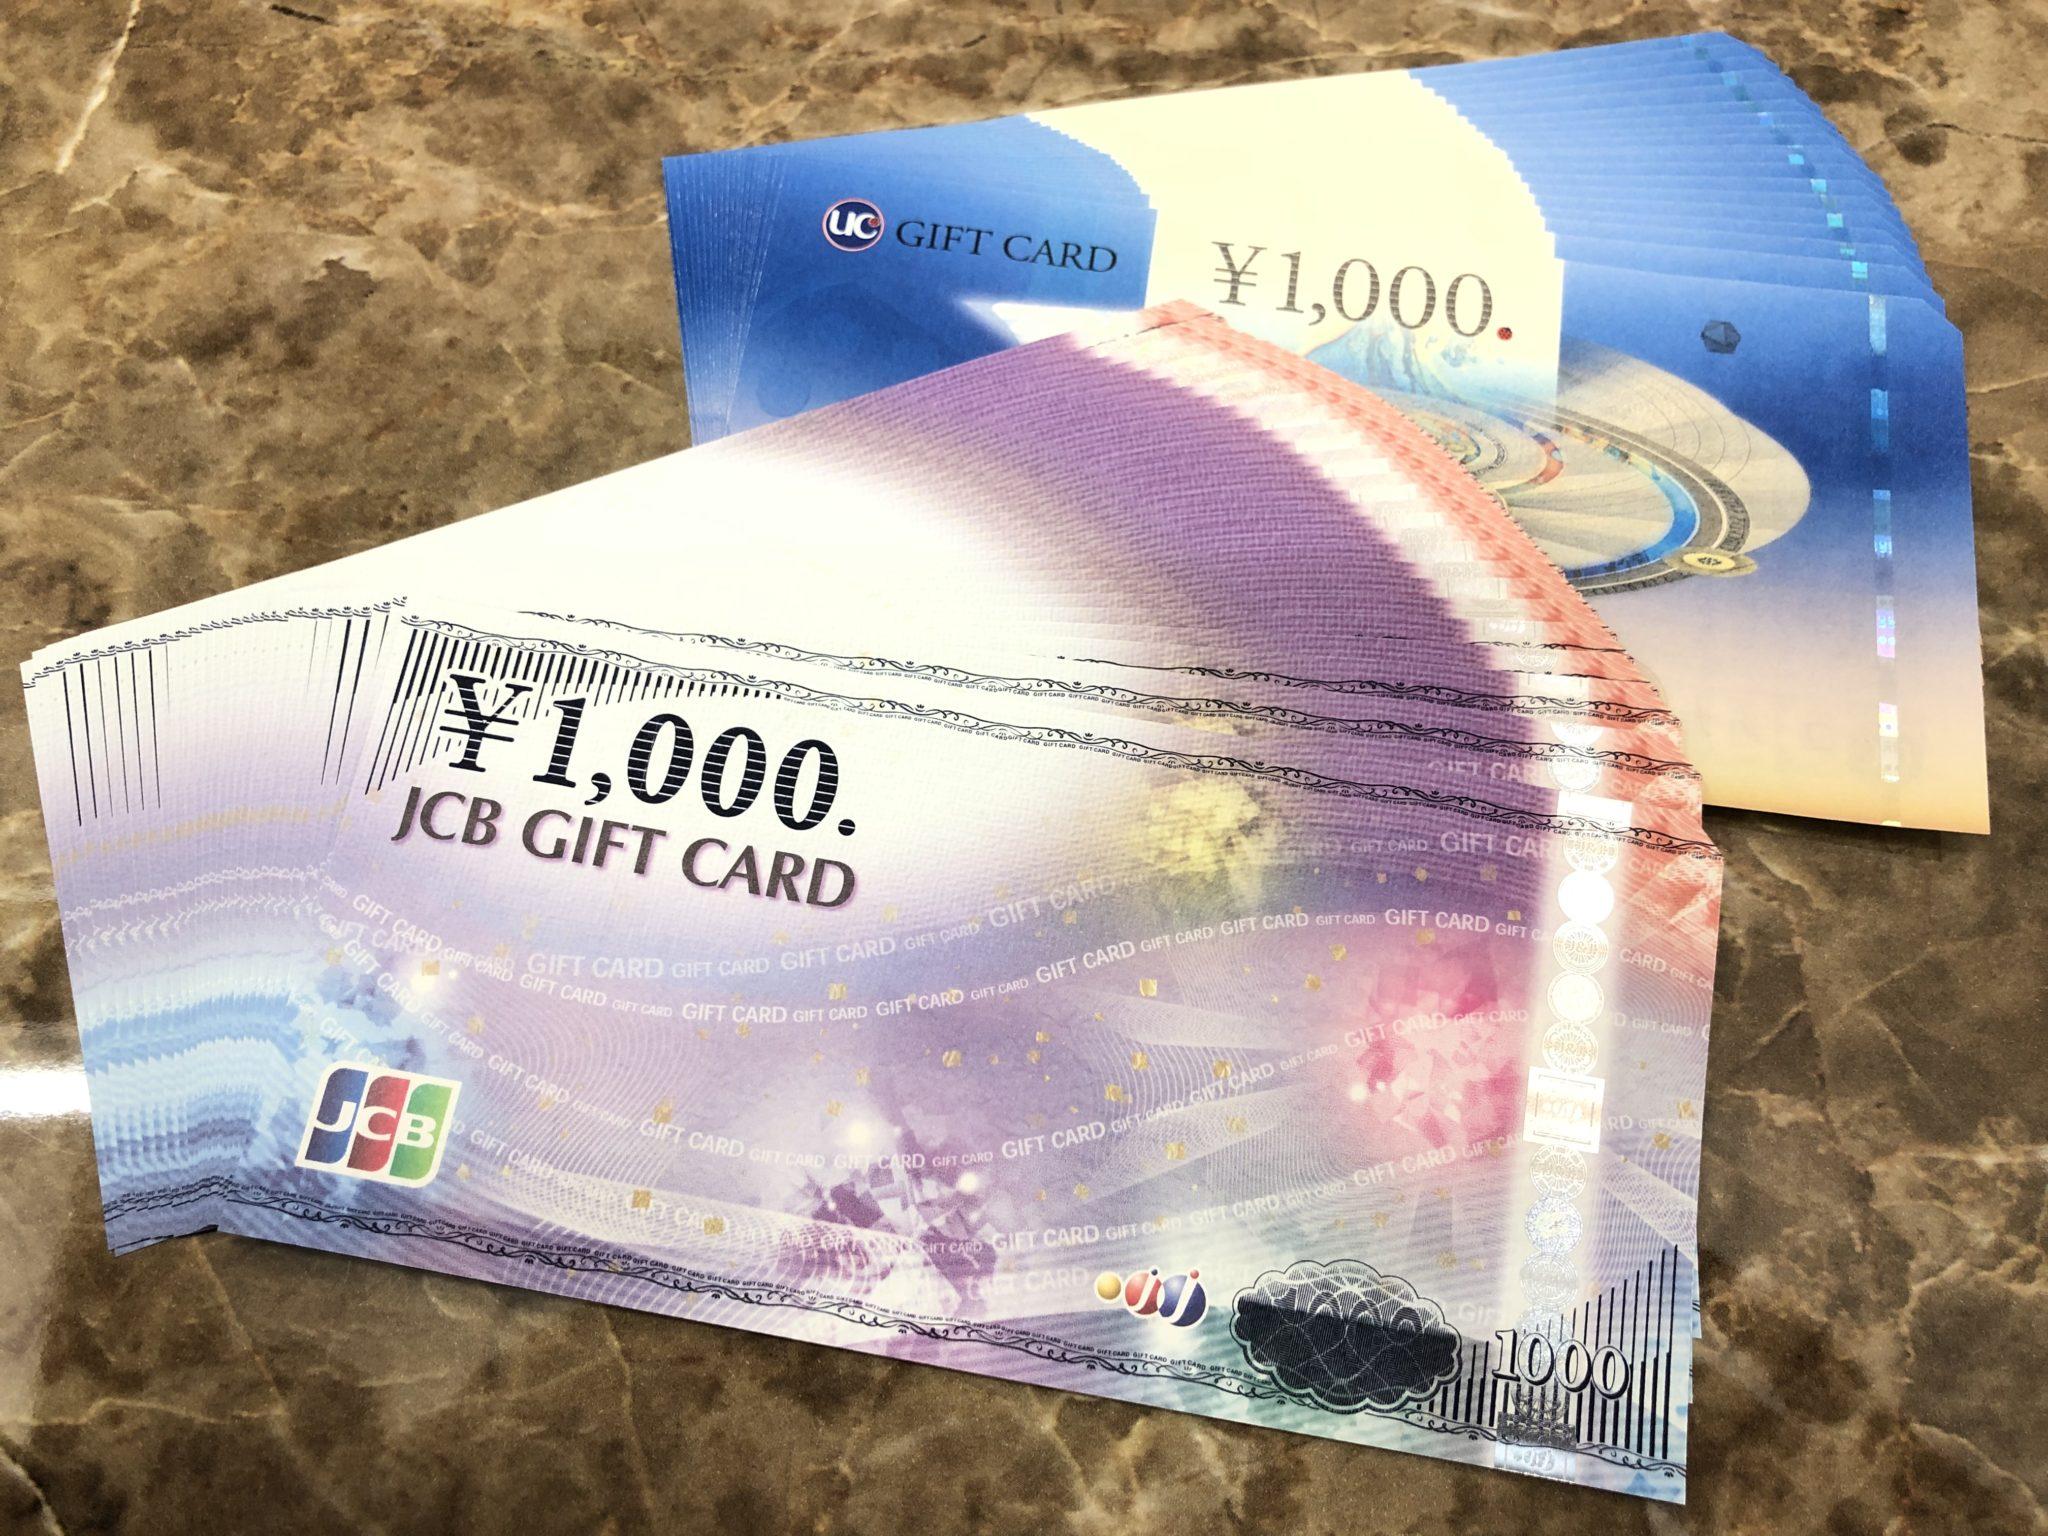 【金券 買取 盛岡】ギフトカードを盛岡のお客様より買取させていただきました!